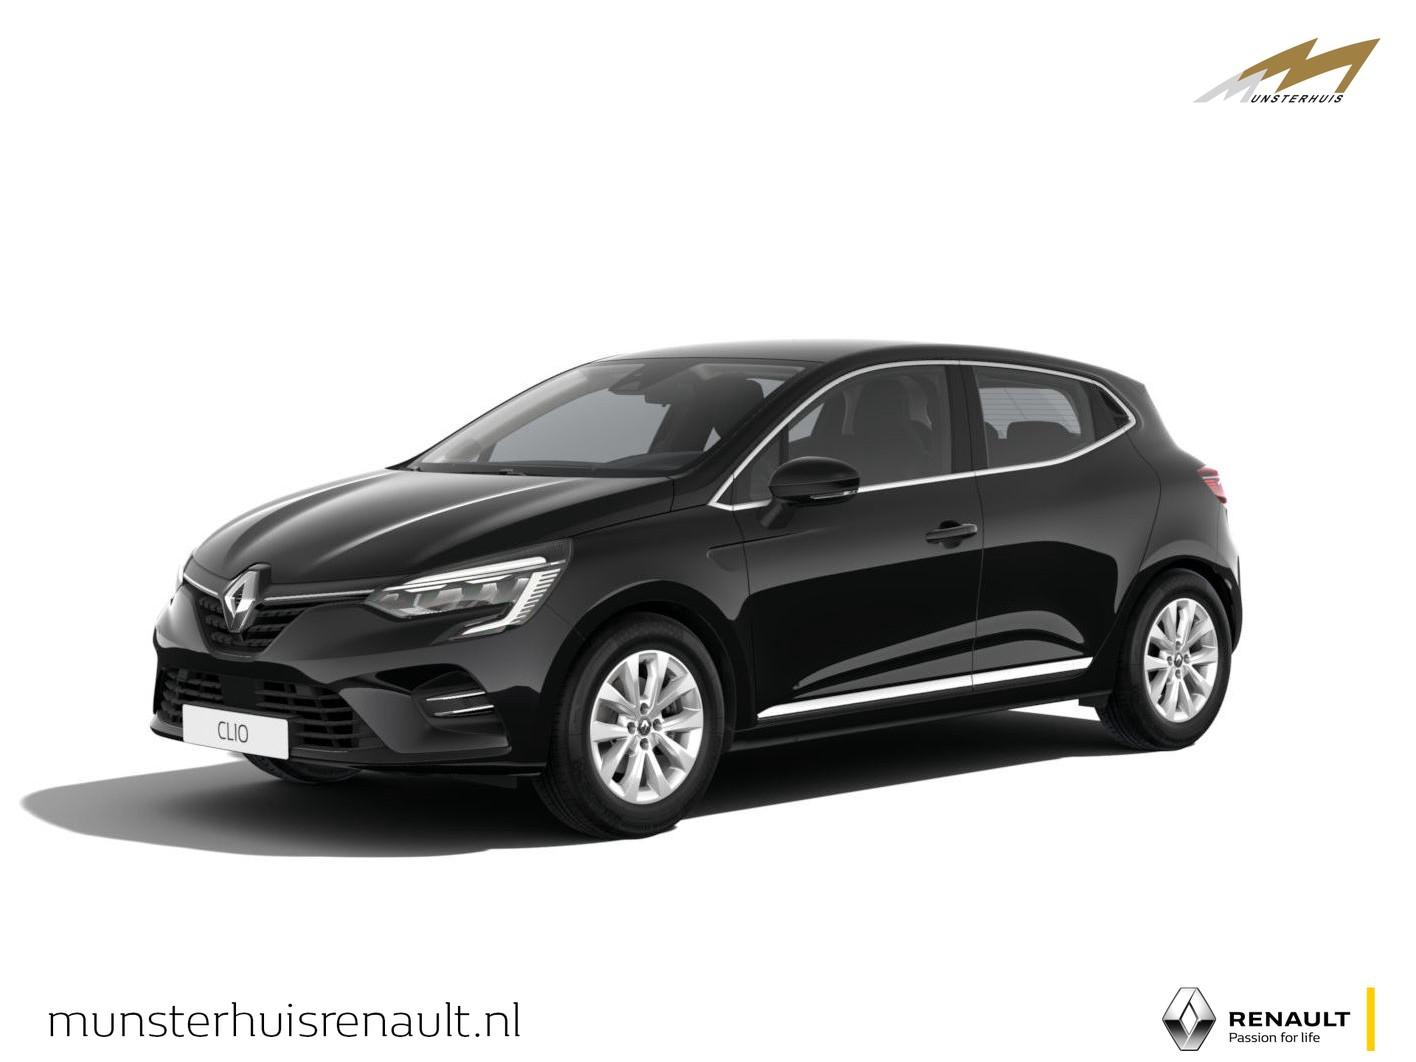 Renault Clio Tce 90 intens - nieuw - wordt verwacht